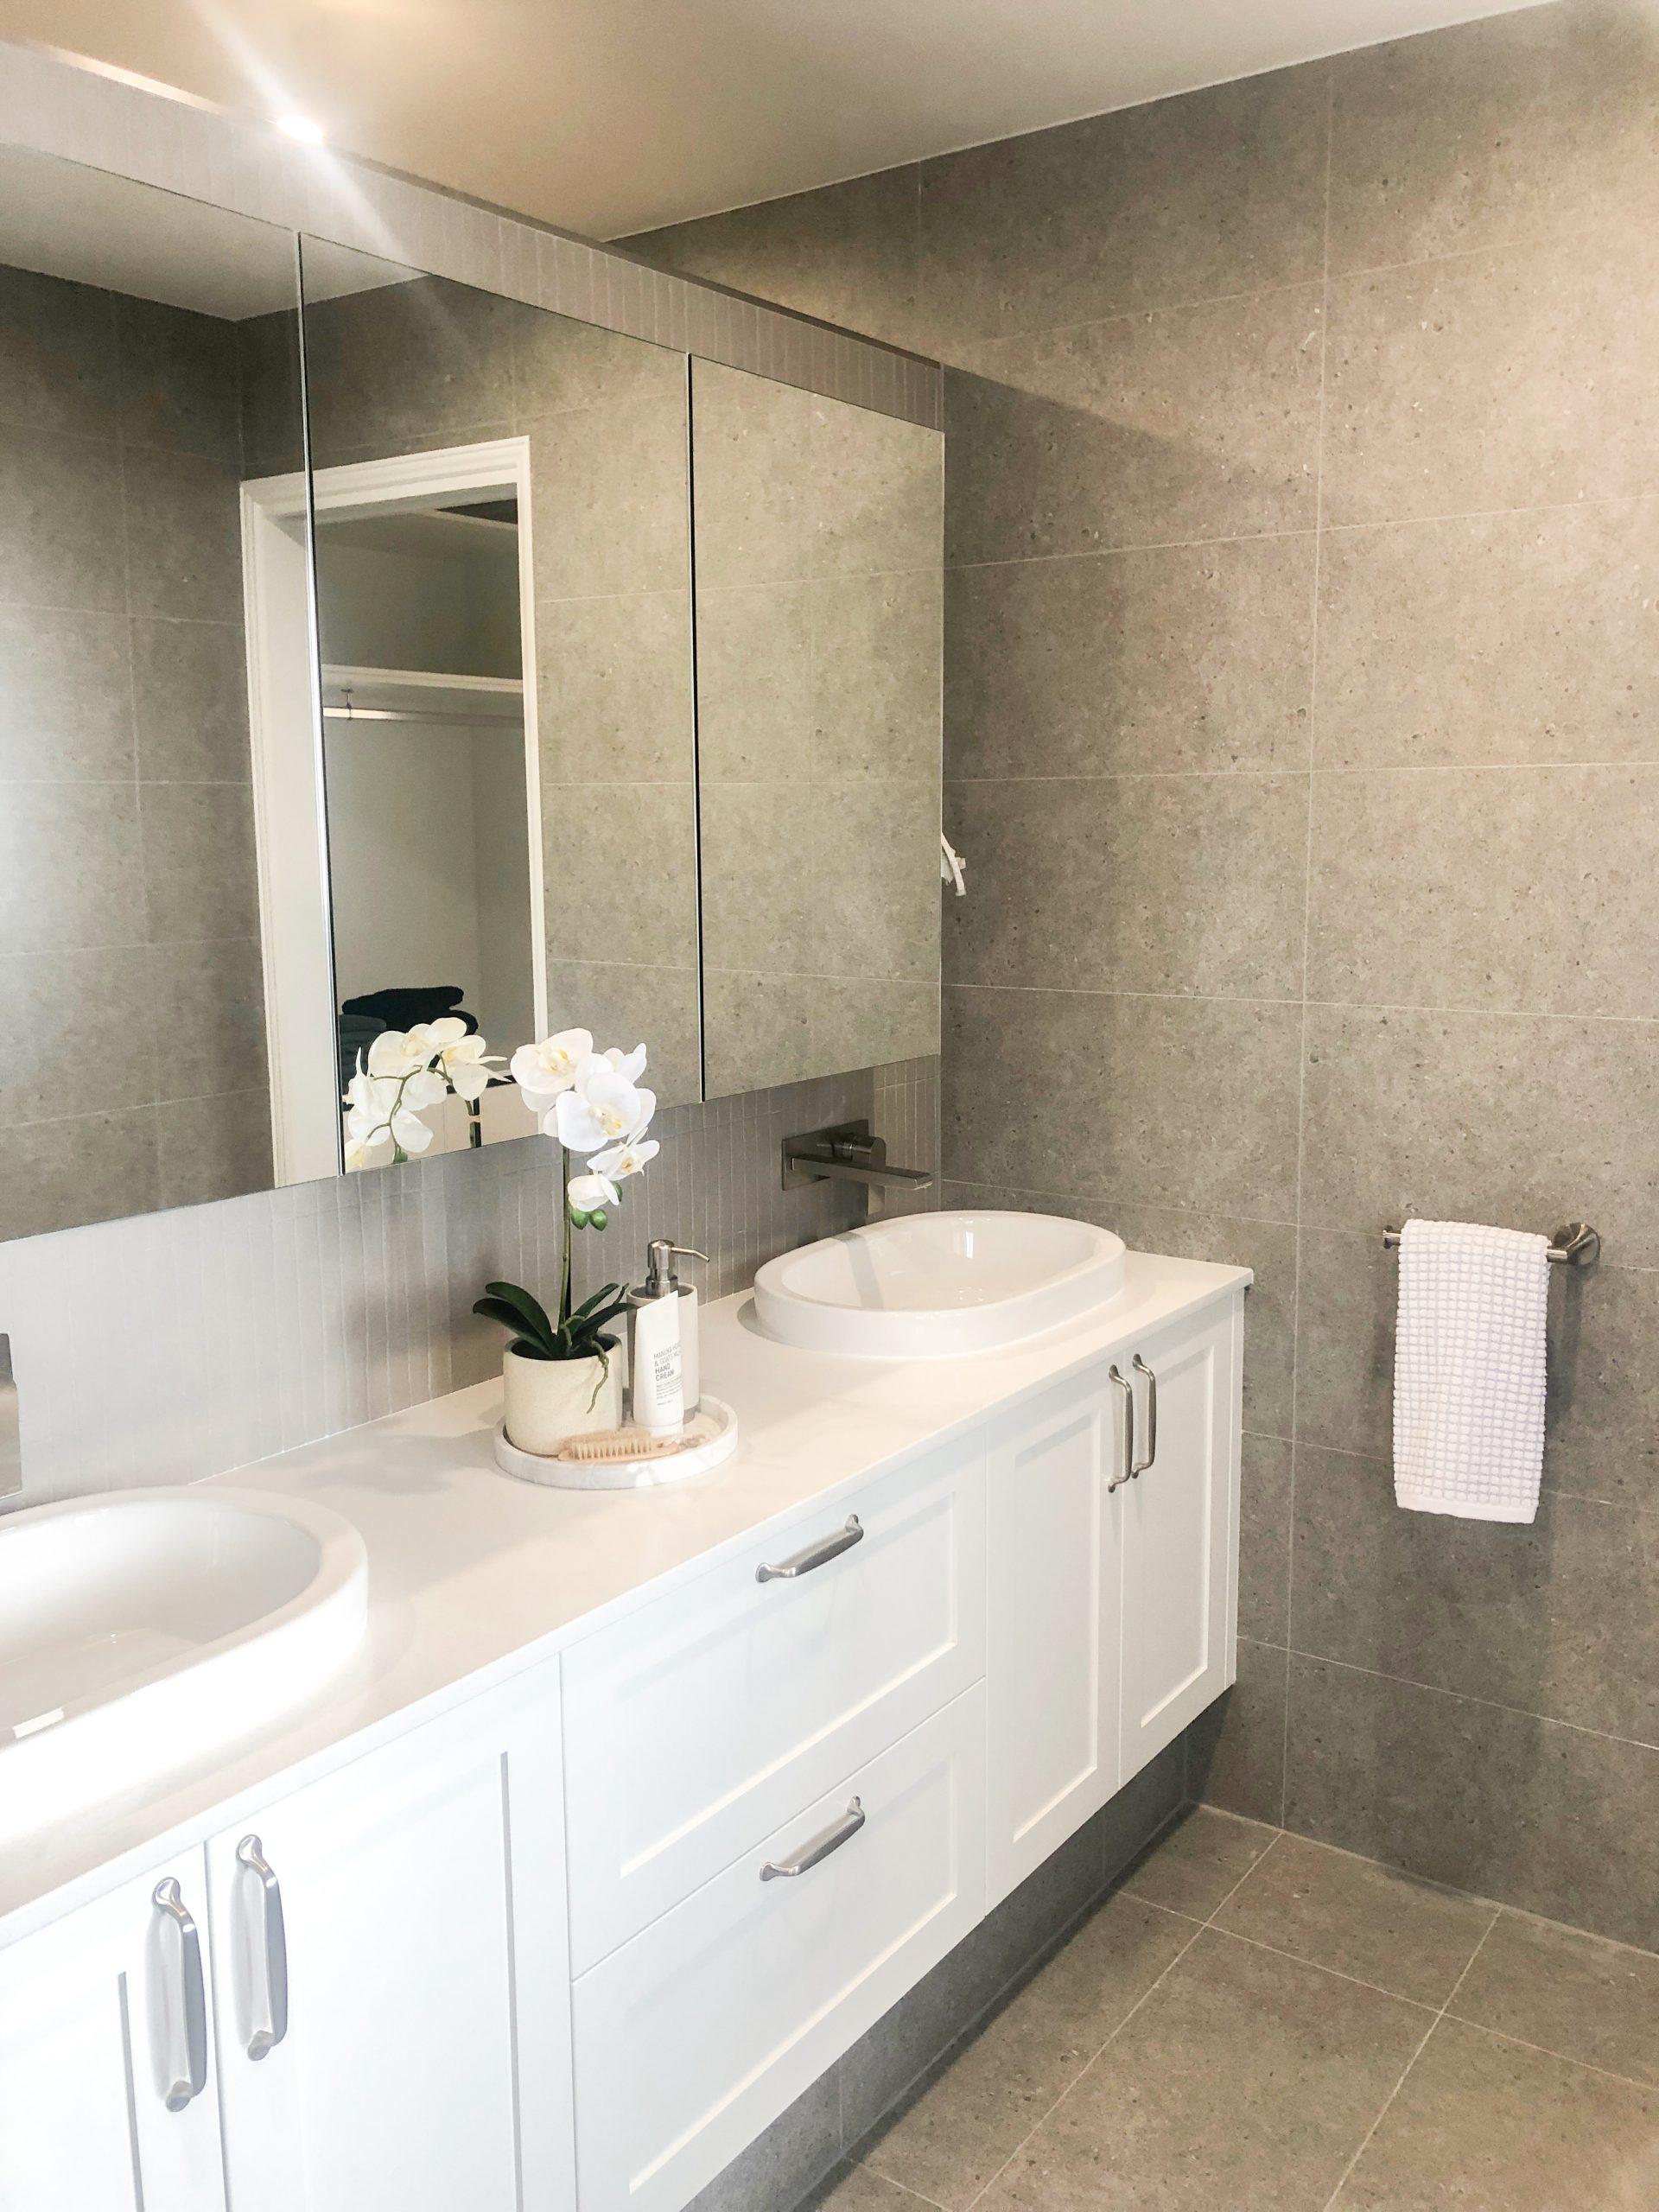 https://www.ivyandfinch.com.au/wp-content/uploads/2021/02/Bracken-Ridge-Interior-Design-Bathroom-Design-scaled.jpg